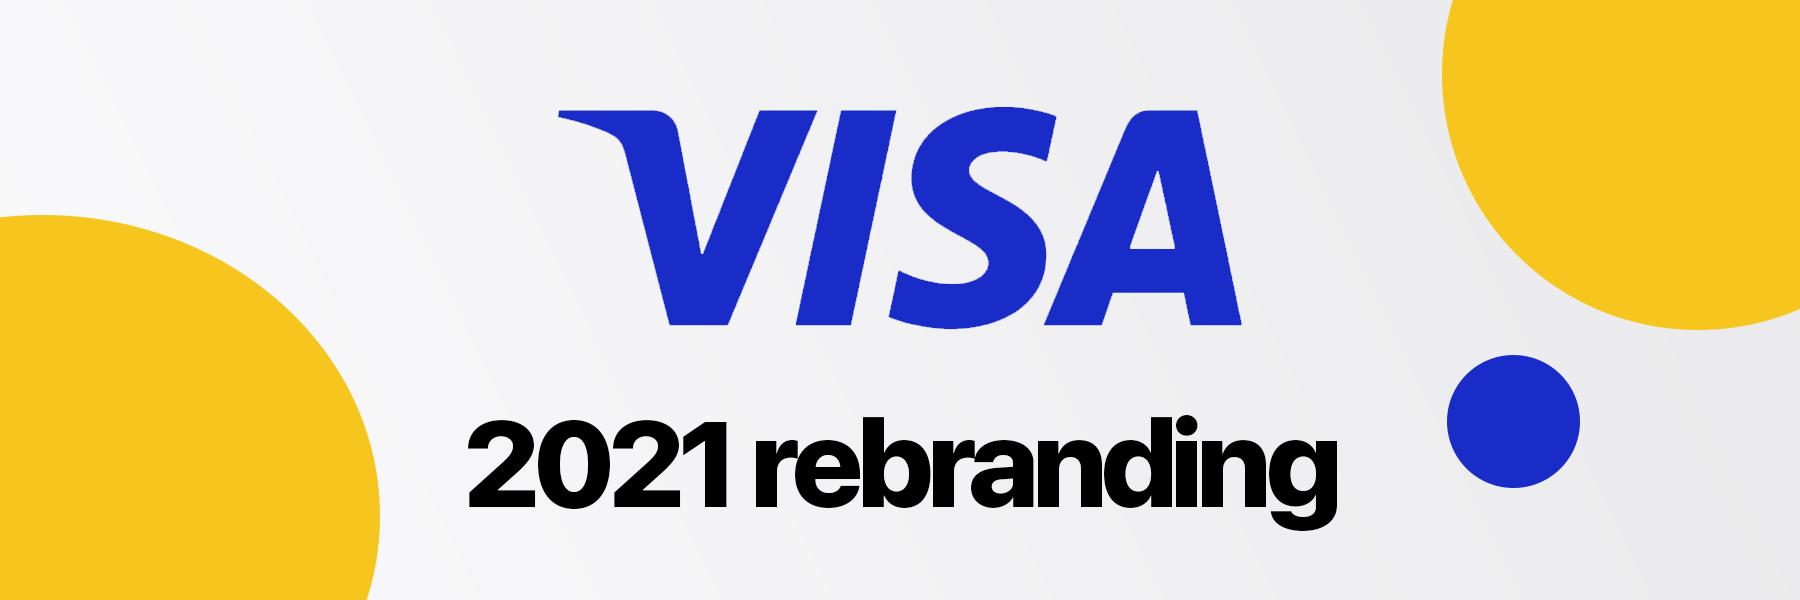 New Visa logo in 6? Well, kind of Dorve